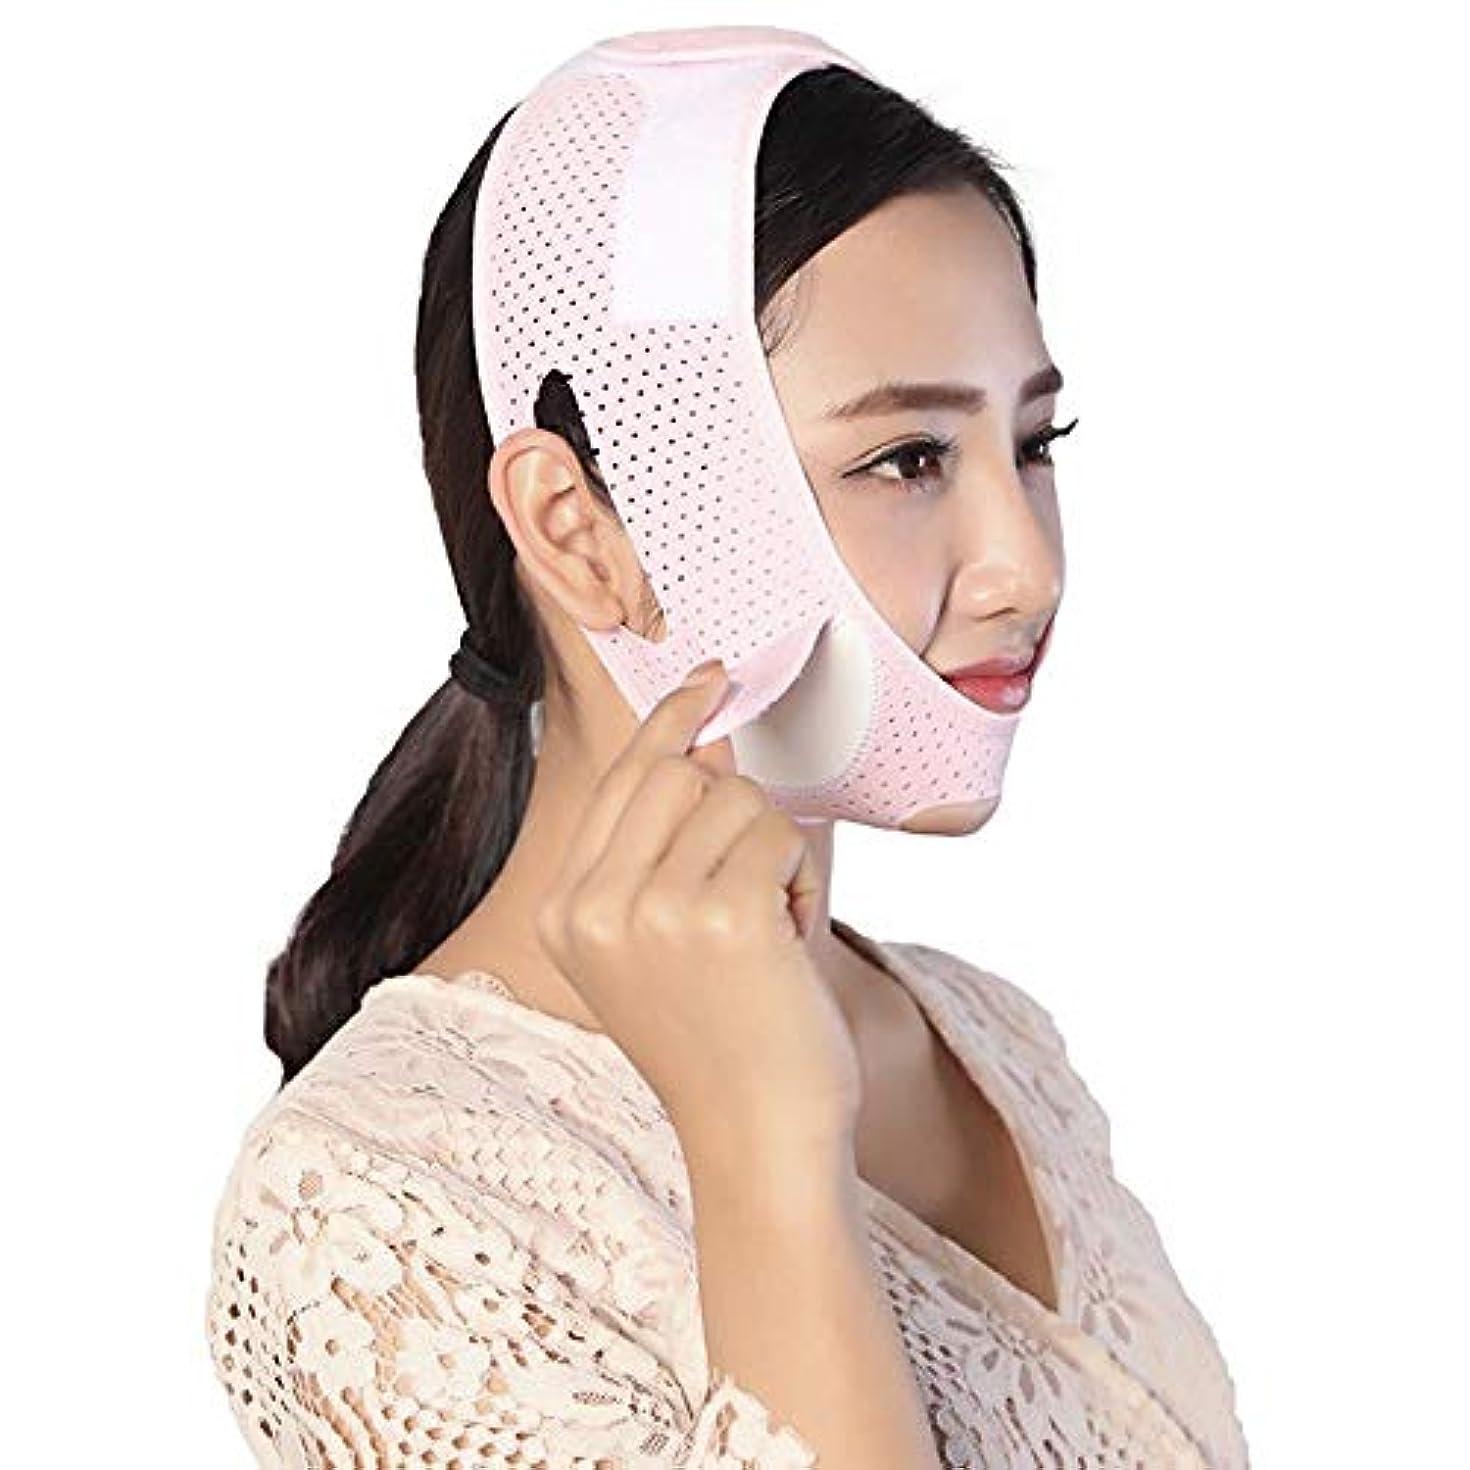 受付申し立てられた絡み合いGYZ フェイシャルリフティング痩身ベルト - 圧縮二重あご減量ベルトスキンケア薄い顔包帯 Thin Face Belt